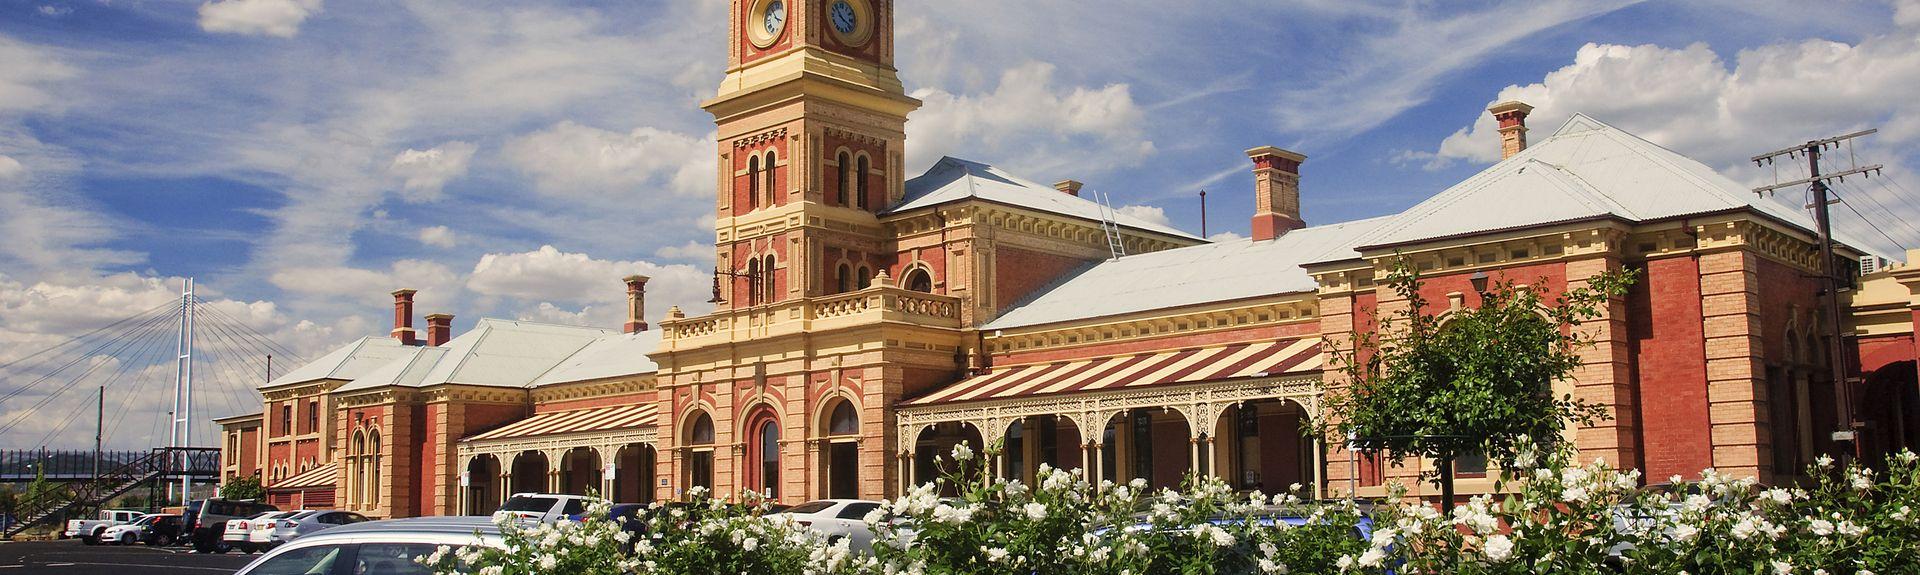 Albury, Nova Gales do Sul, Austrália